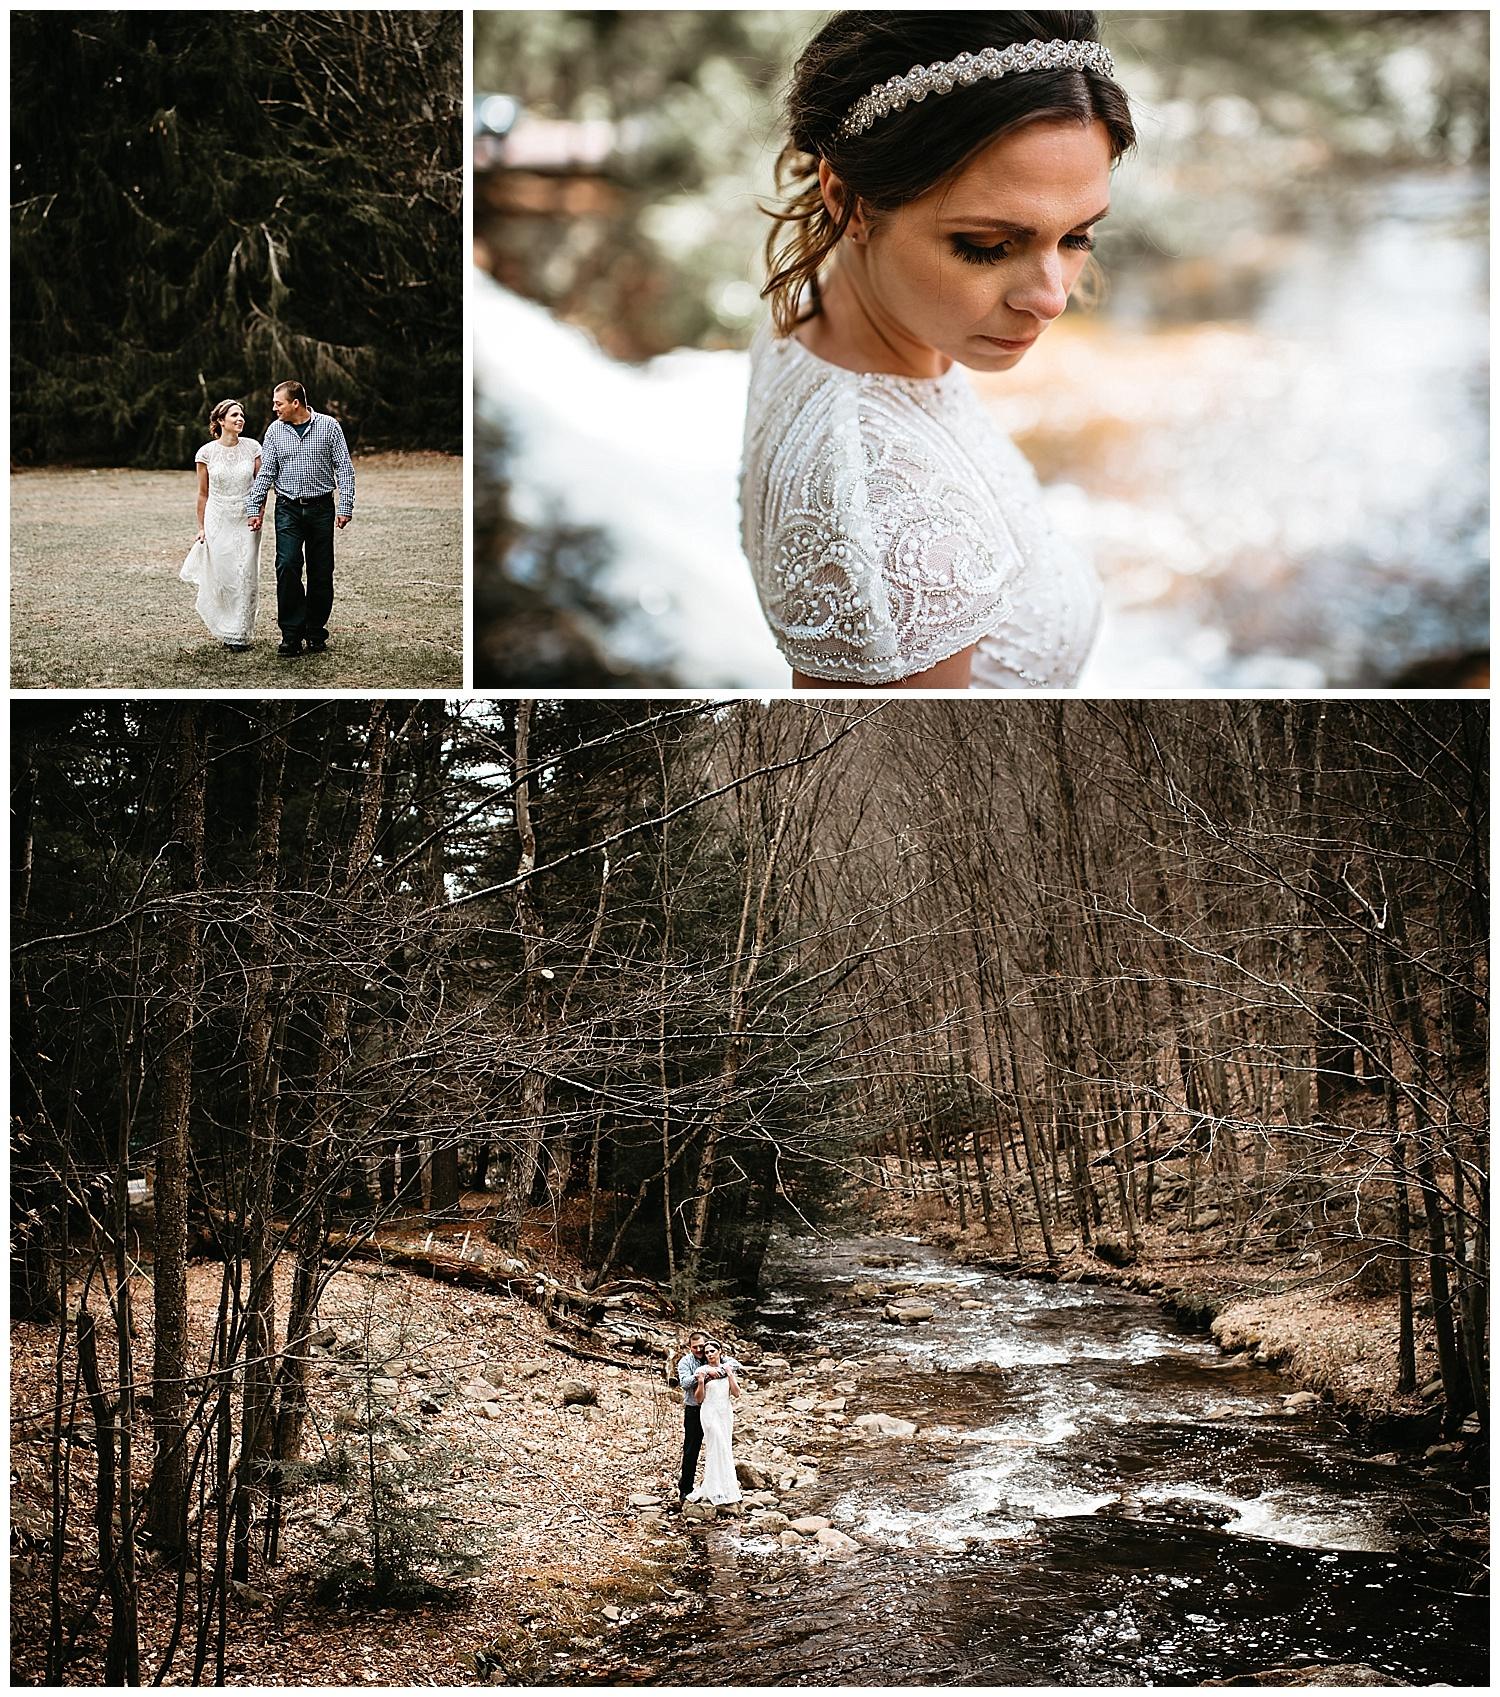 NEPA-Wedding-Engagement-photographer-hickory-run-state-park-hawk-falls-elopement_0027.jpg